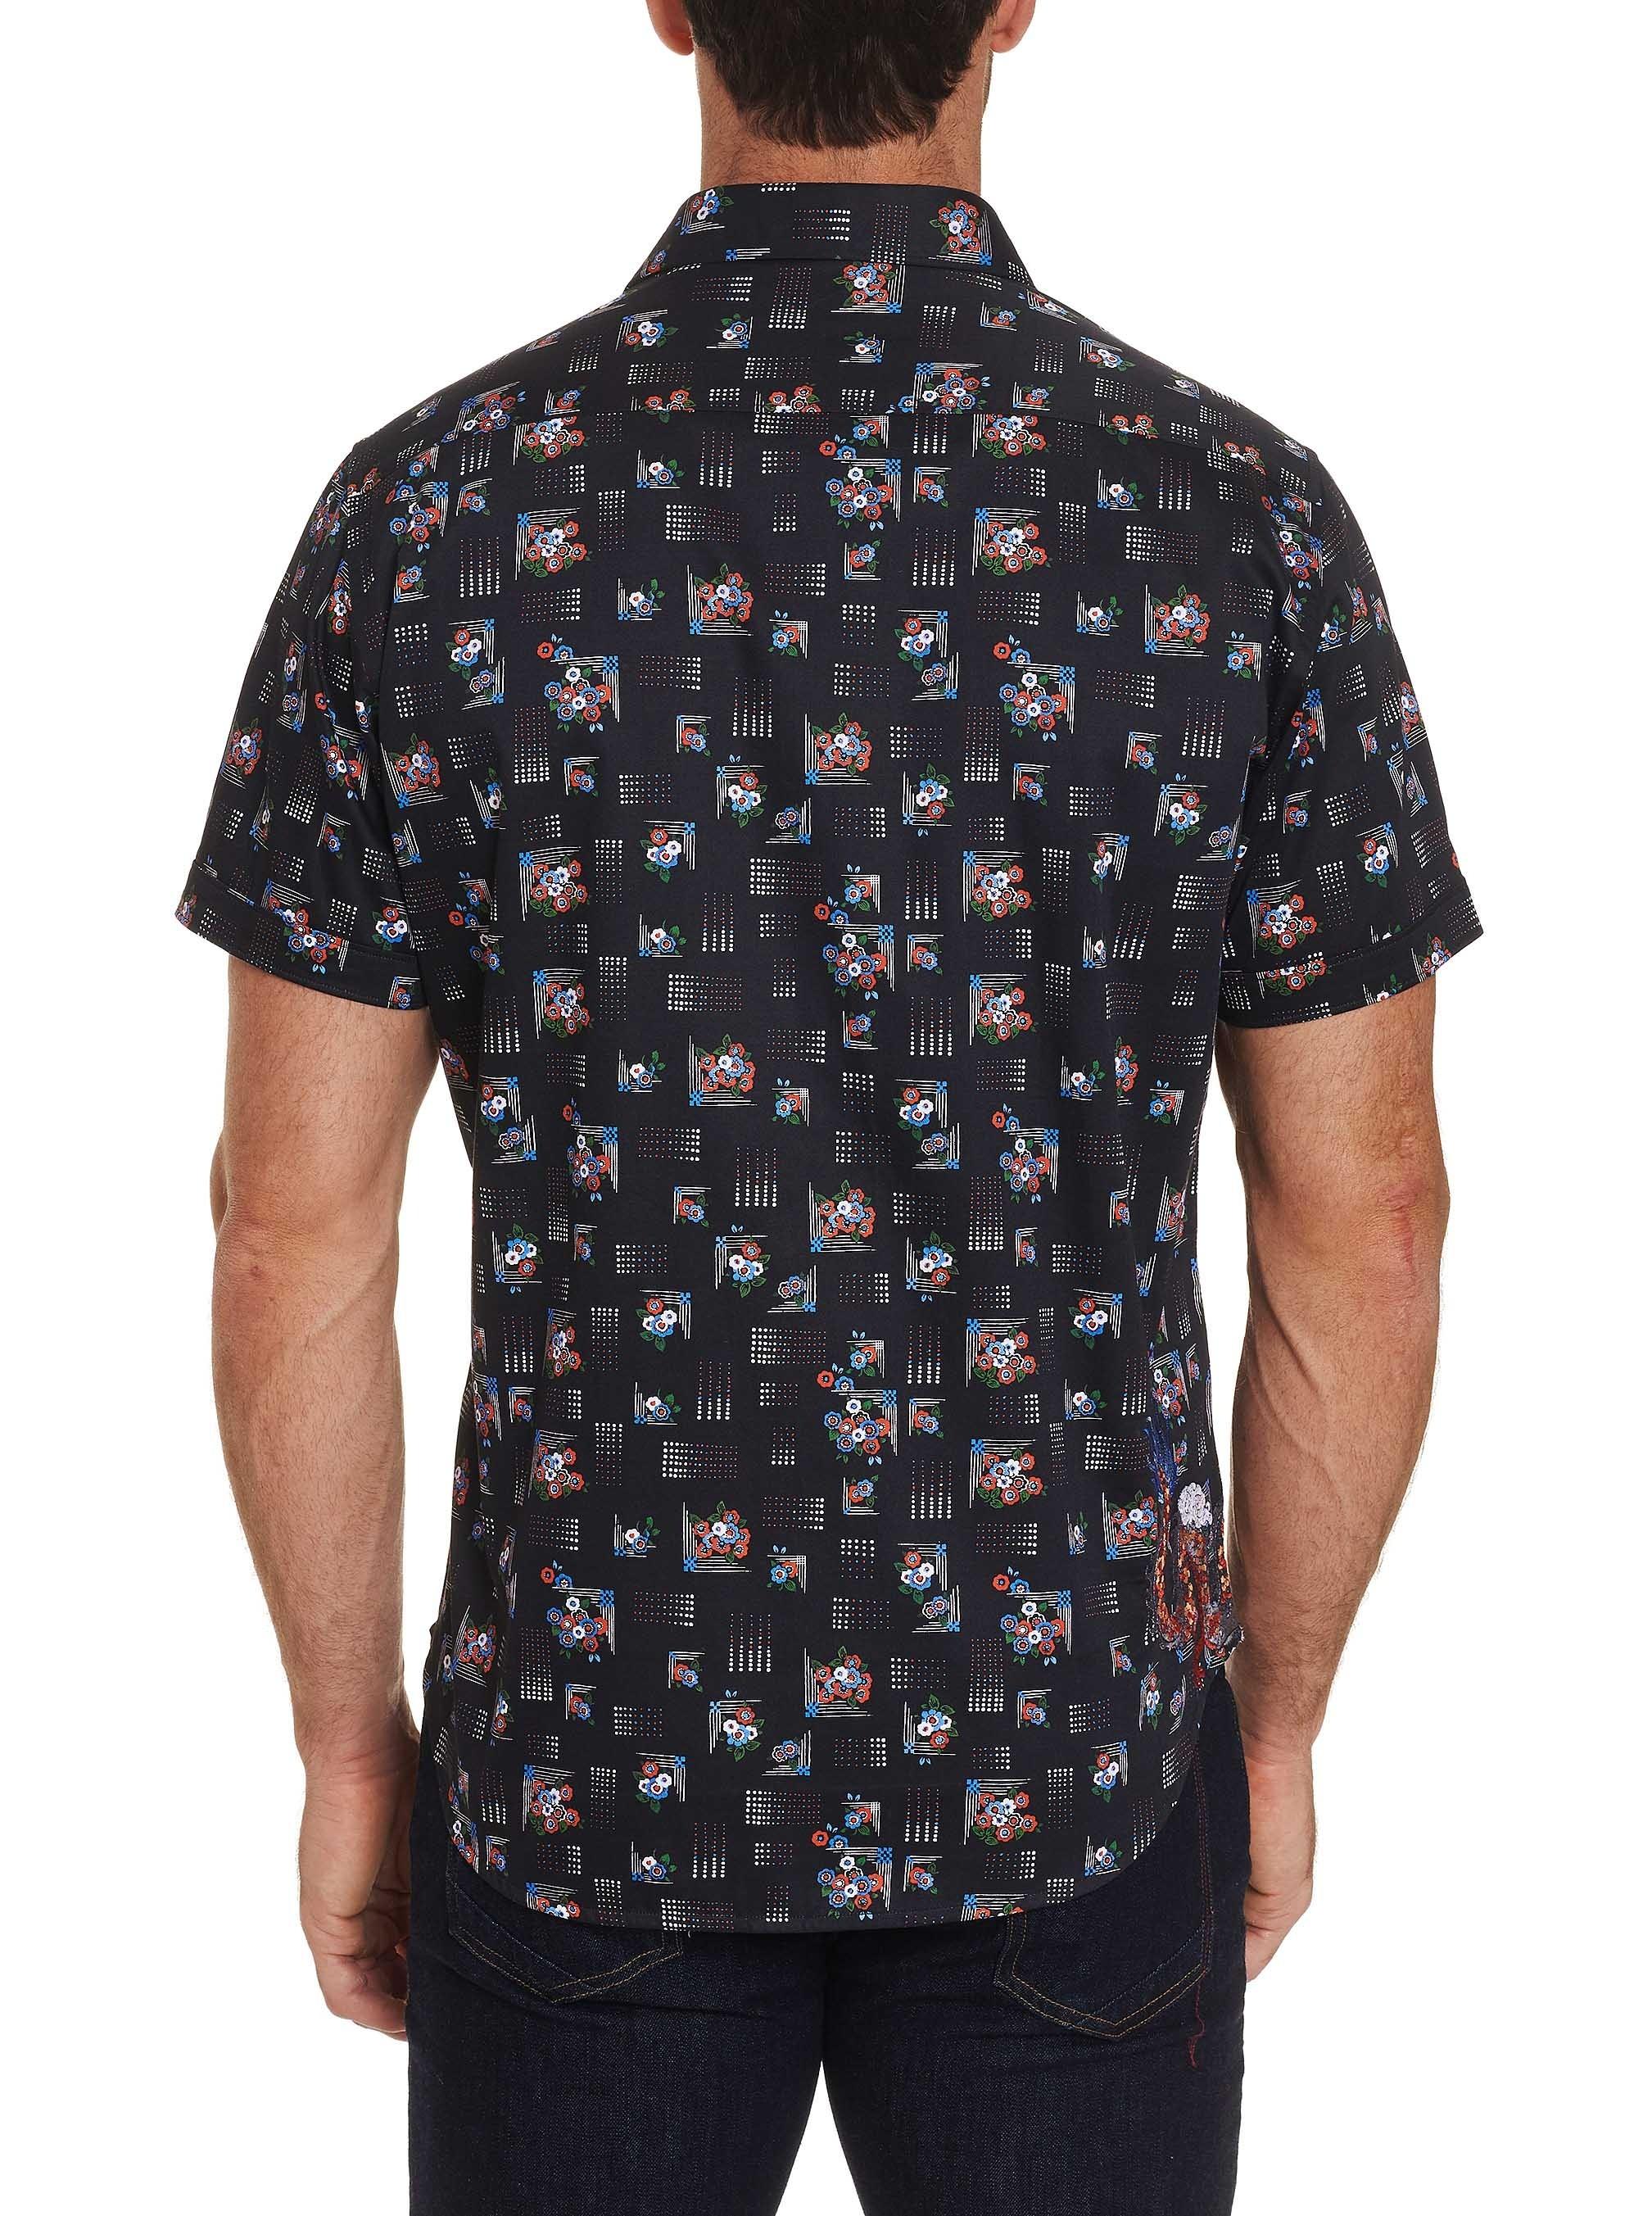 Robert Graham Castleden Embroidered Short Sleeve Shirt Black